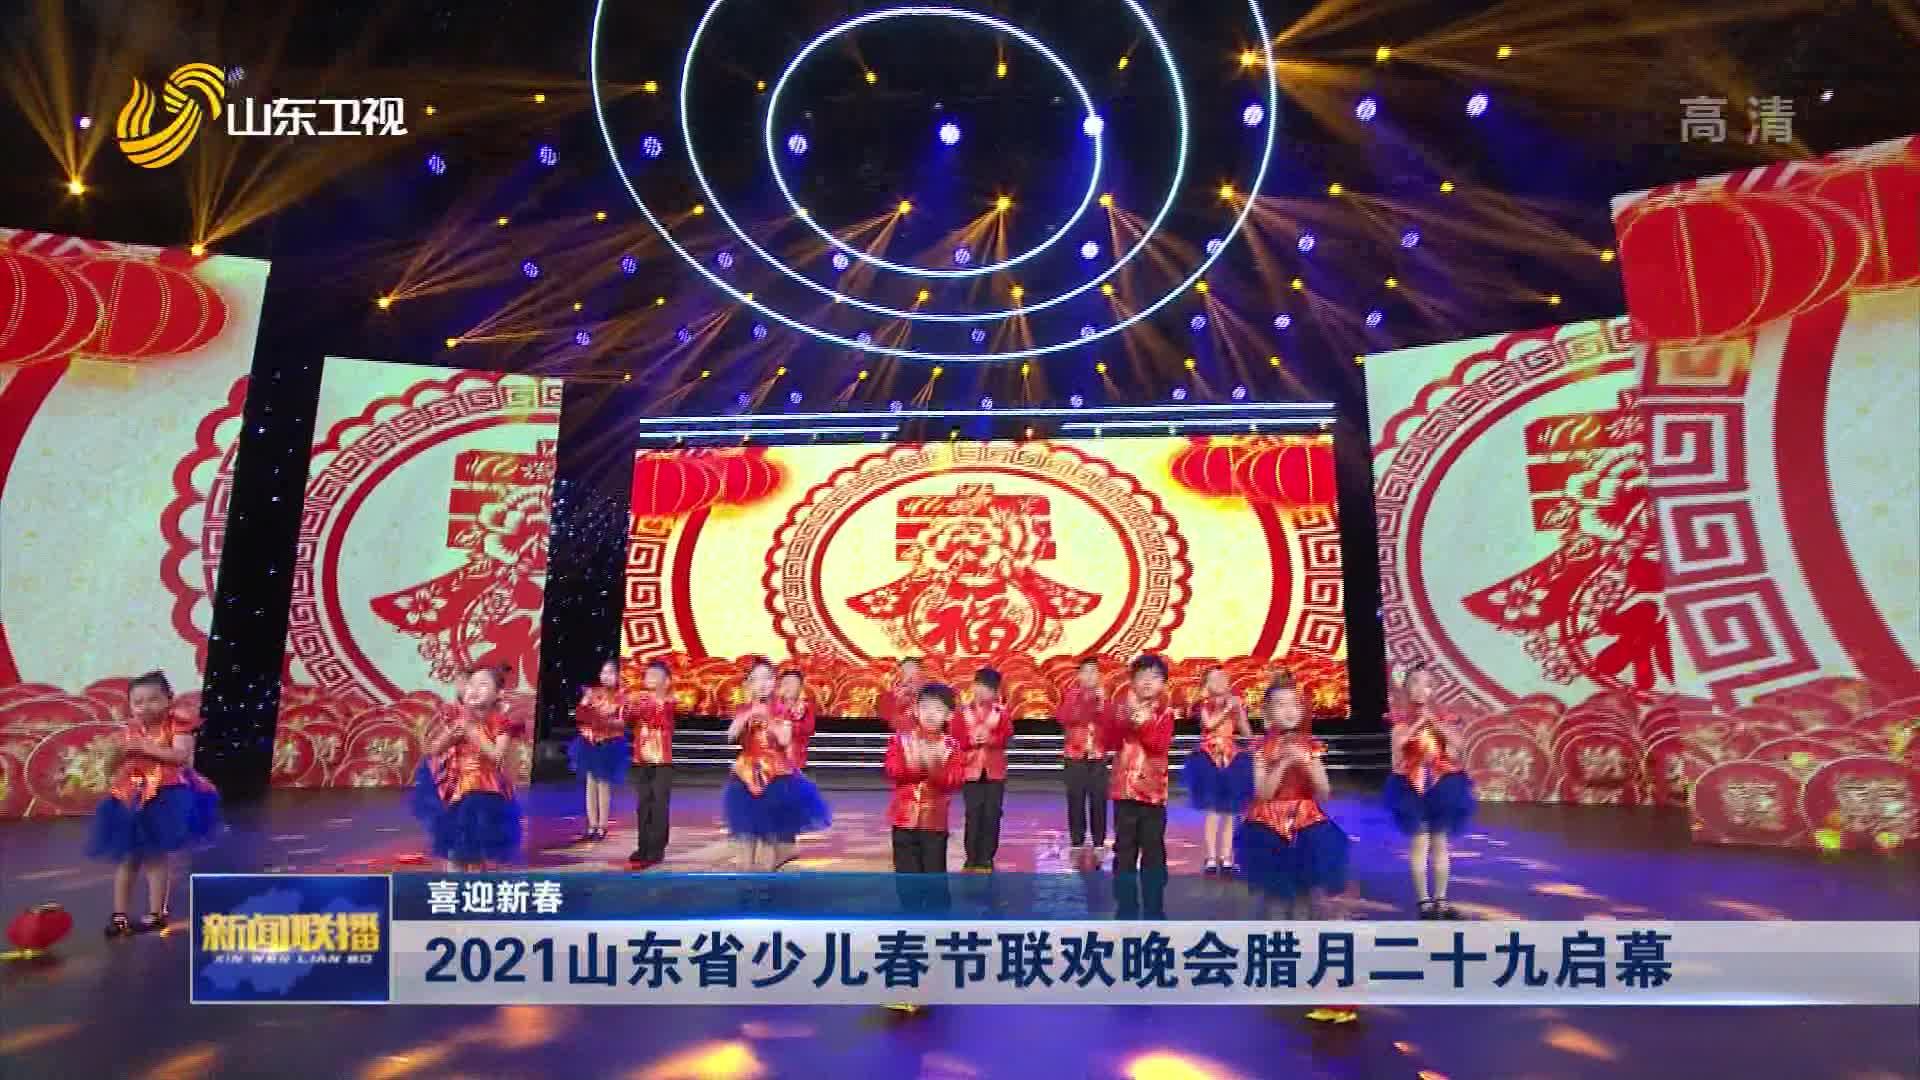 【喜迎新春】2021山东省少儿春节联欢晚会腊月二十九启幕